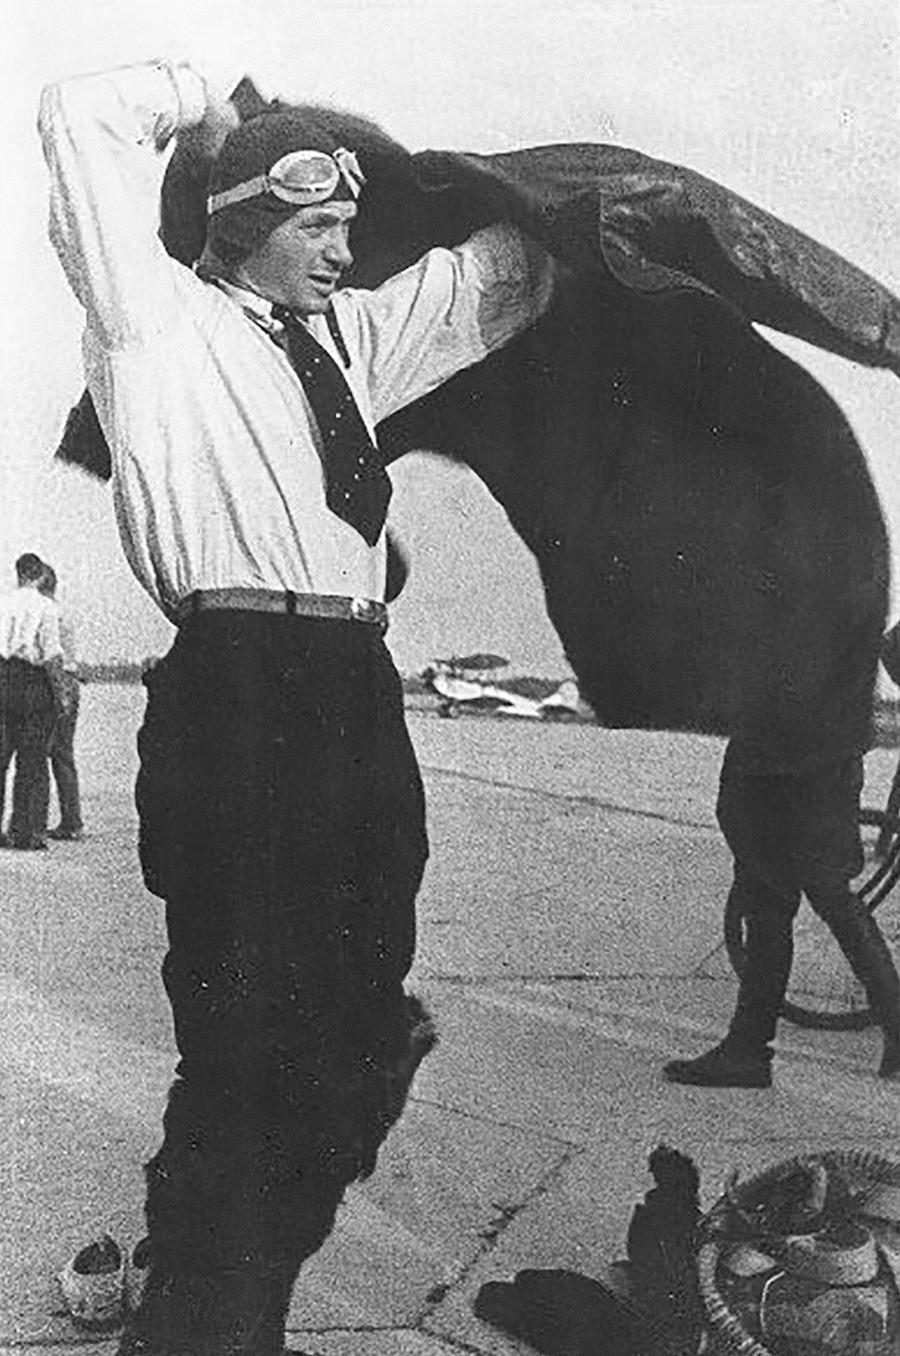 飛行に臨む試験操縦士ウラジーミル・コッキナキ、1930年代